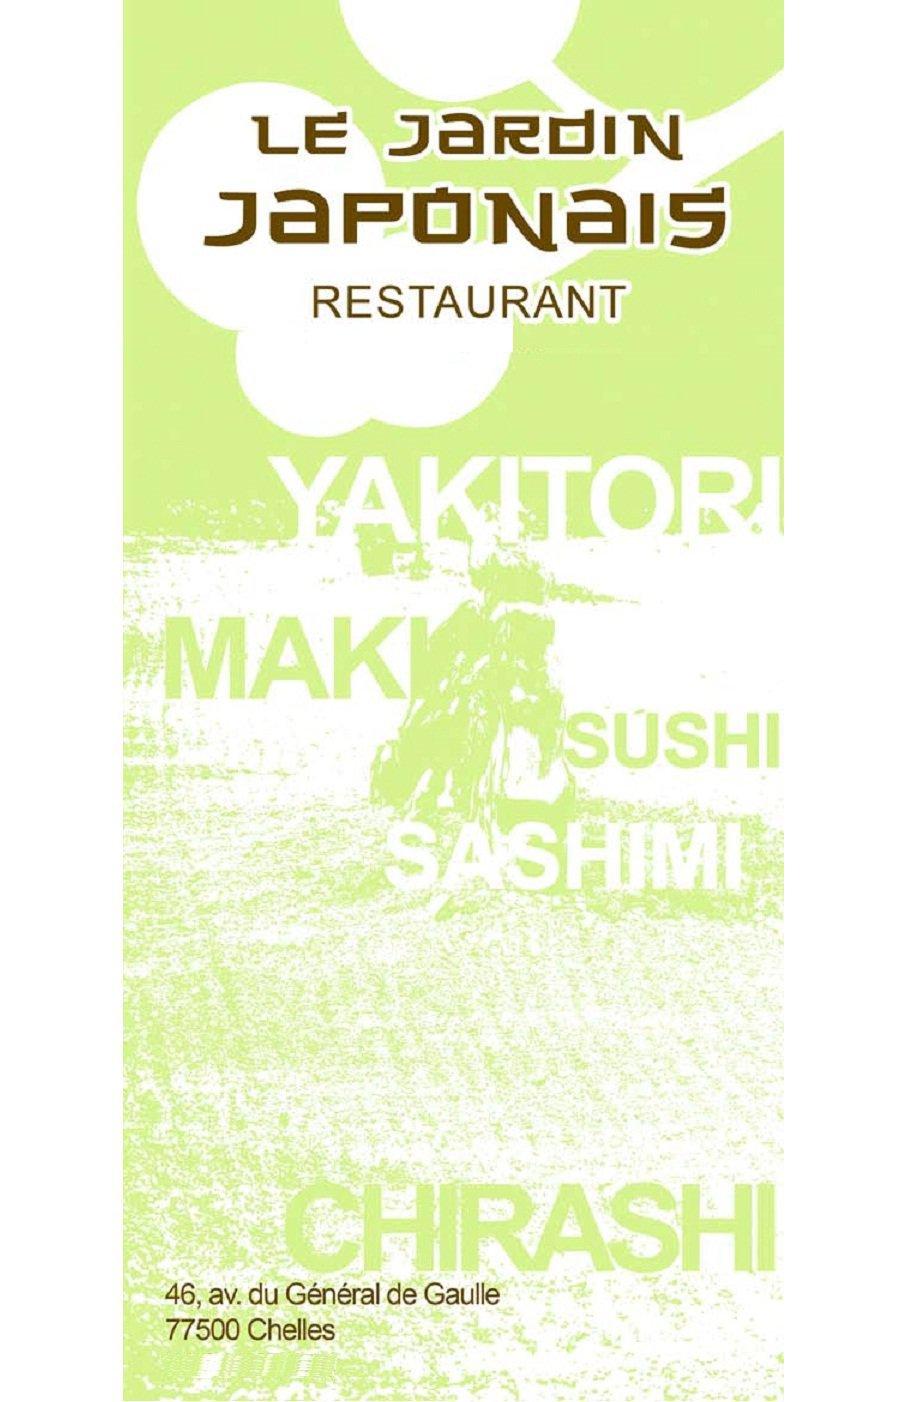 Le jardin japonais chelles carte et menu en ligne for Jardin lee menu livraison